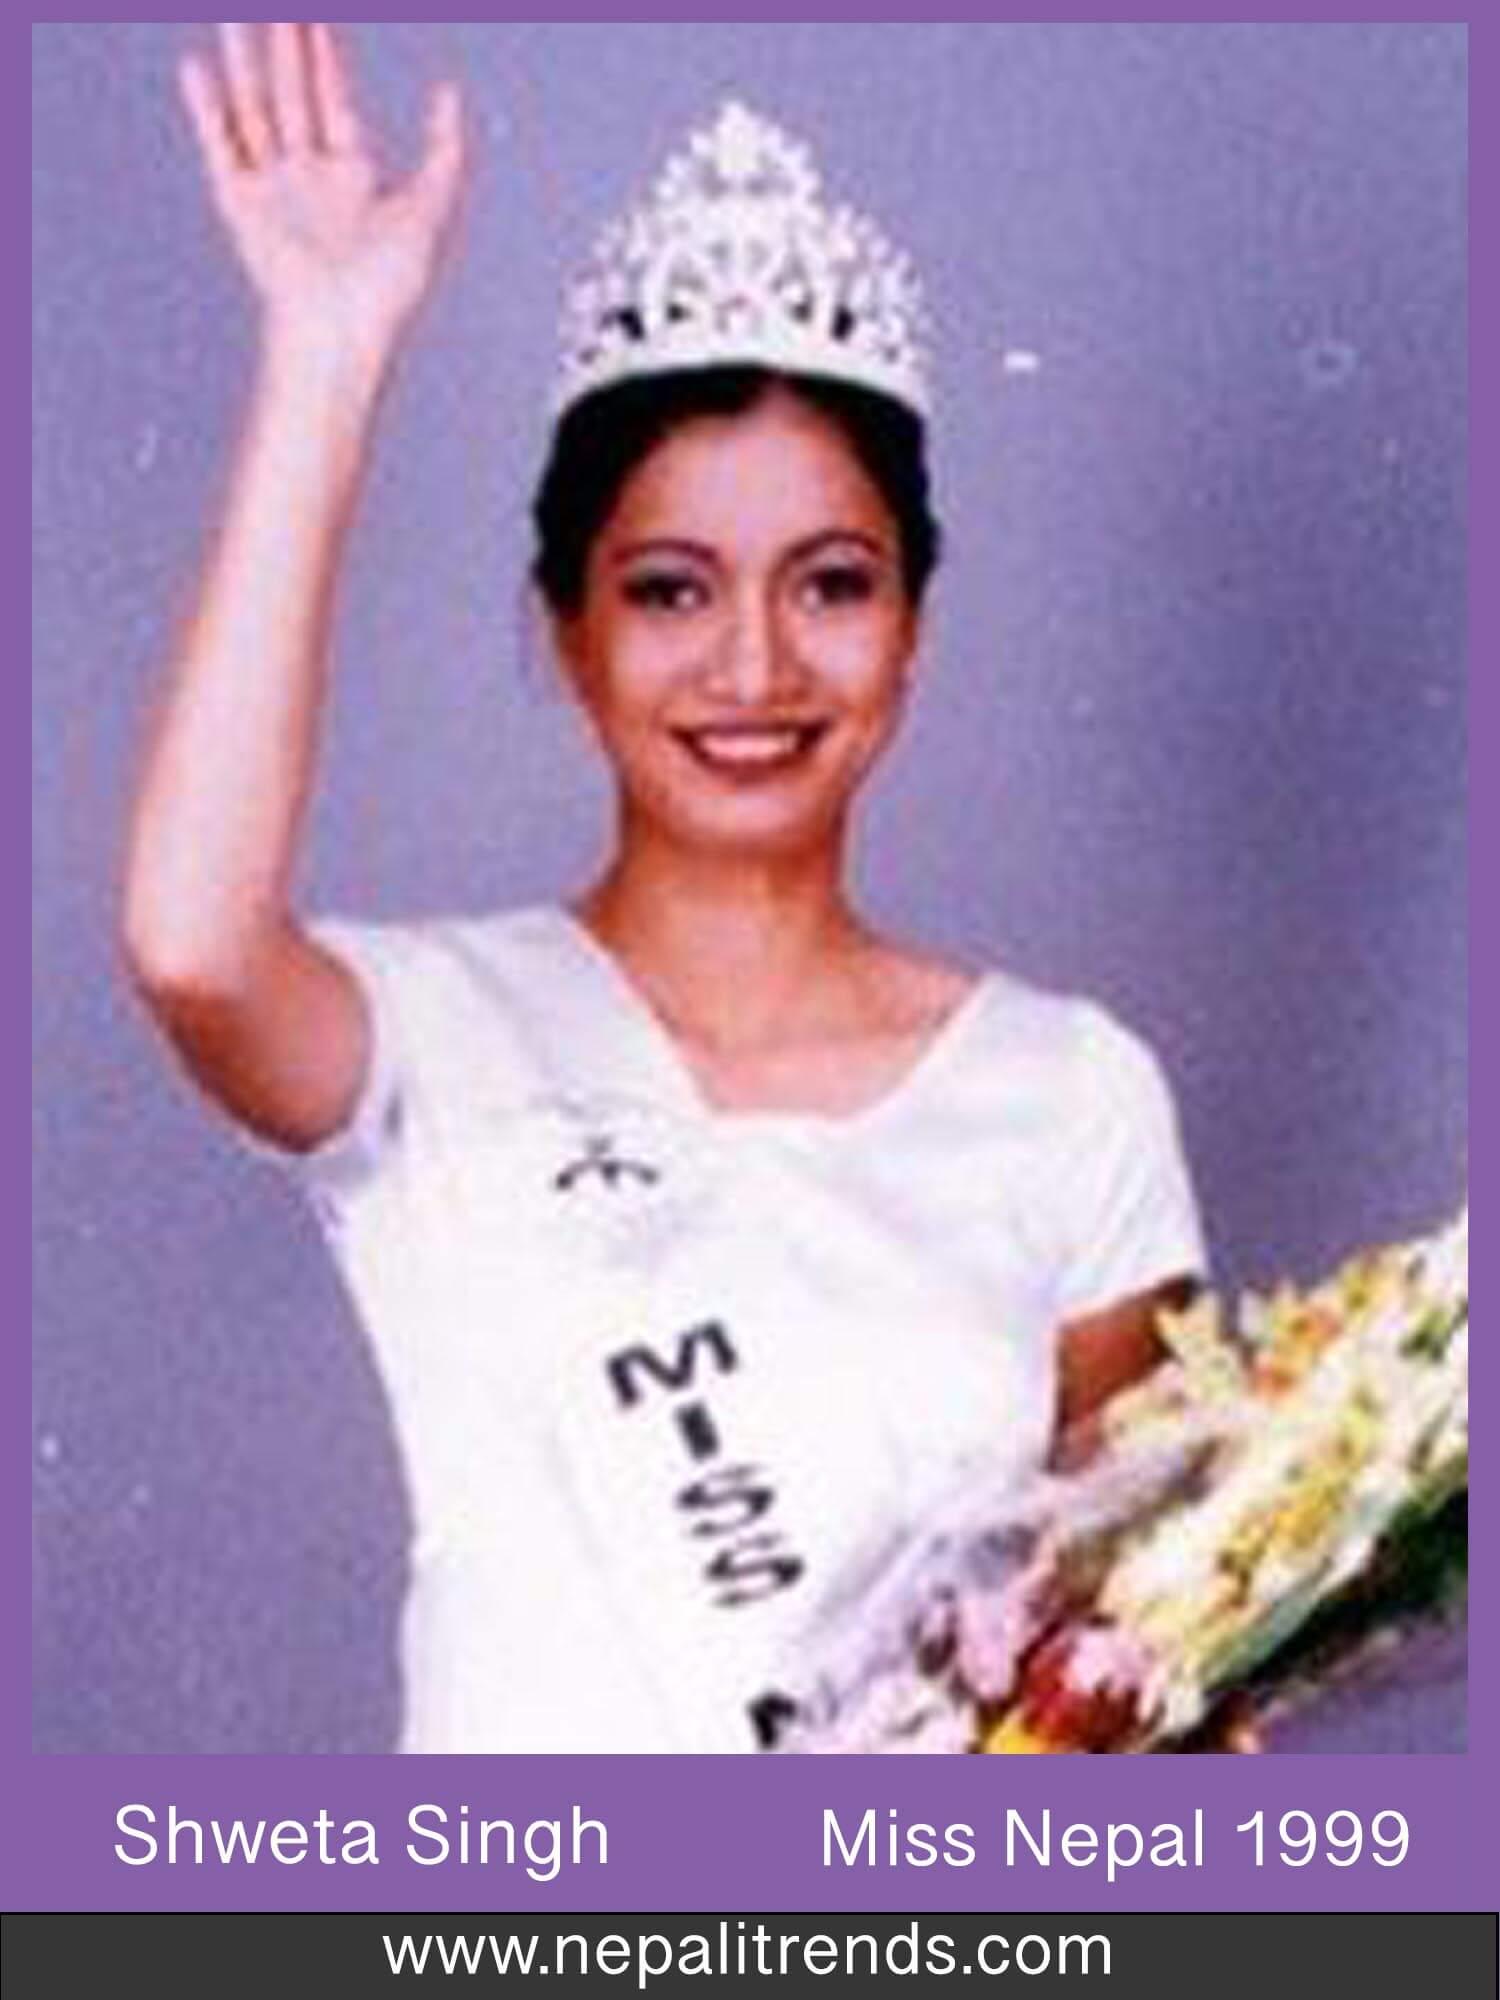 Shweta Singh Miss Nepal 1999